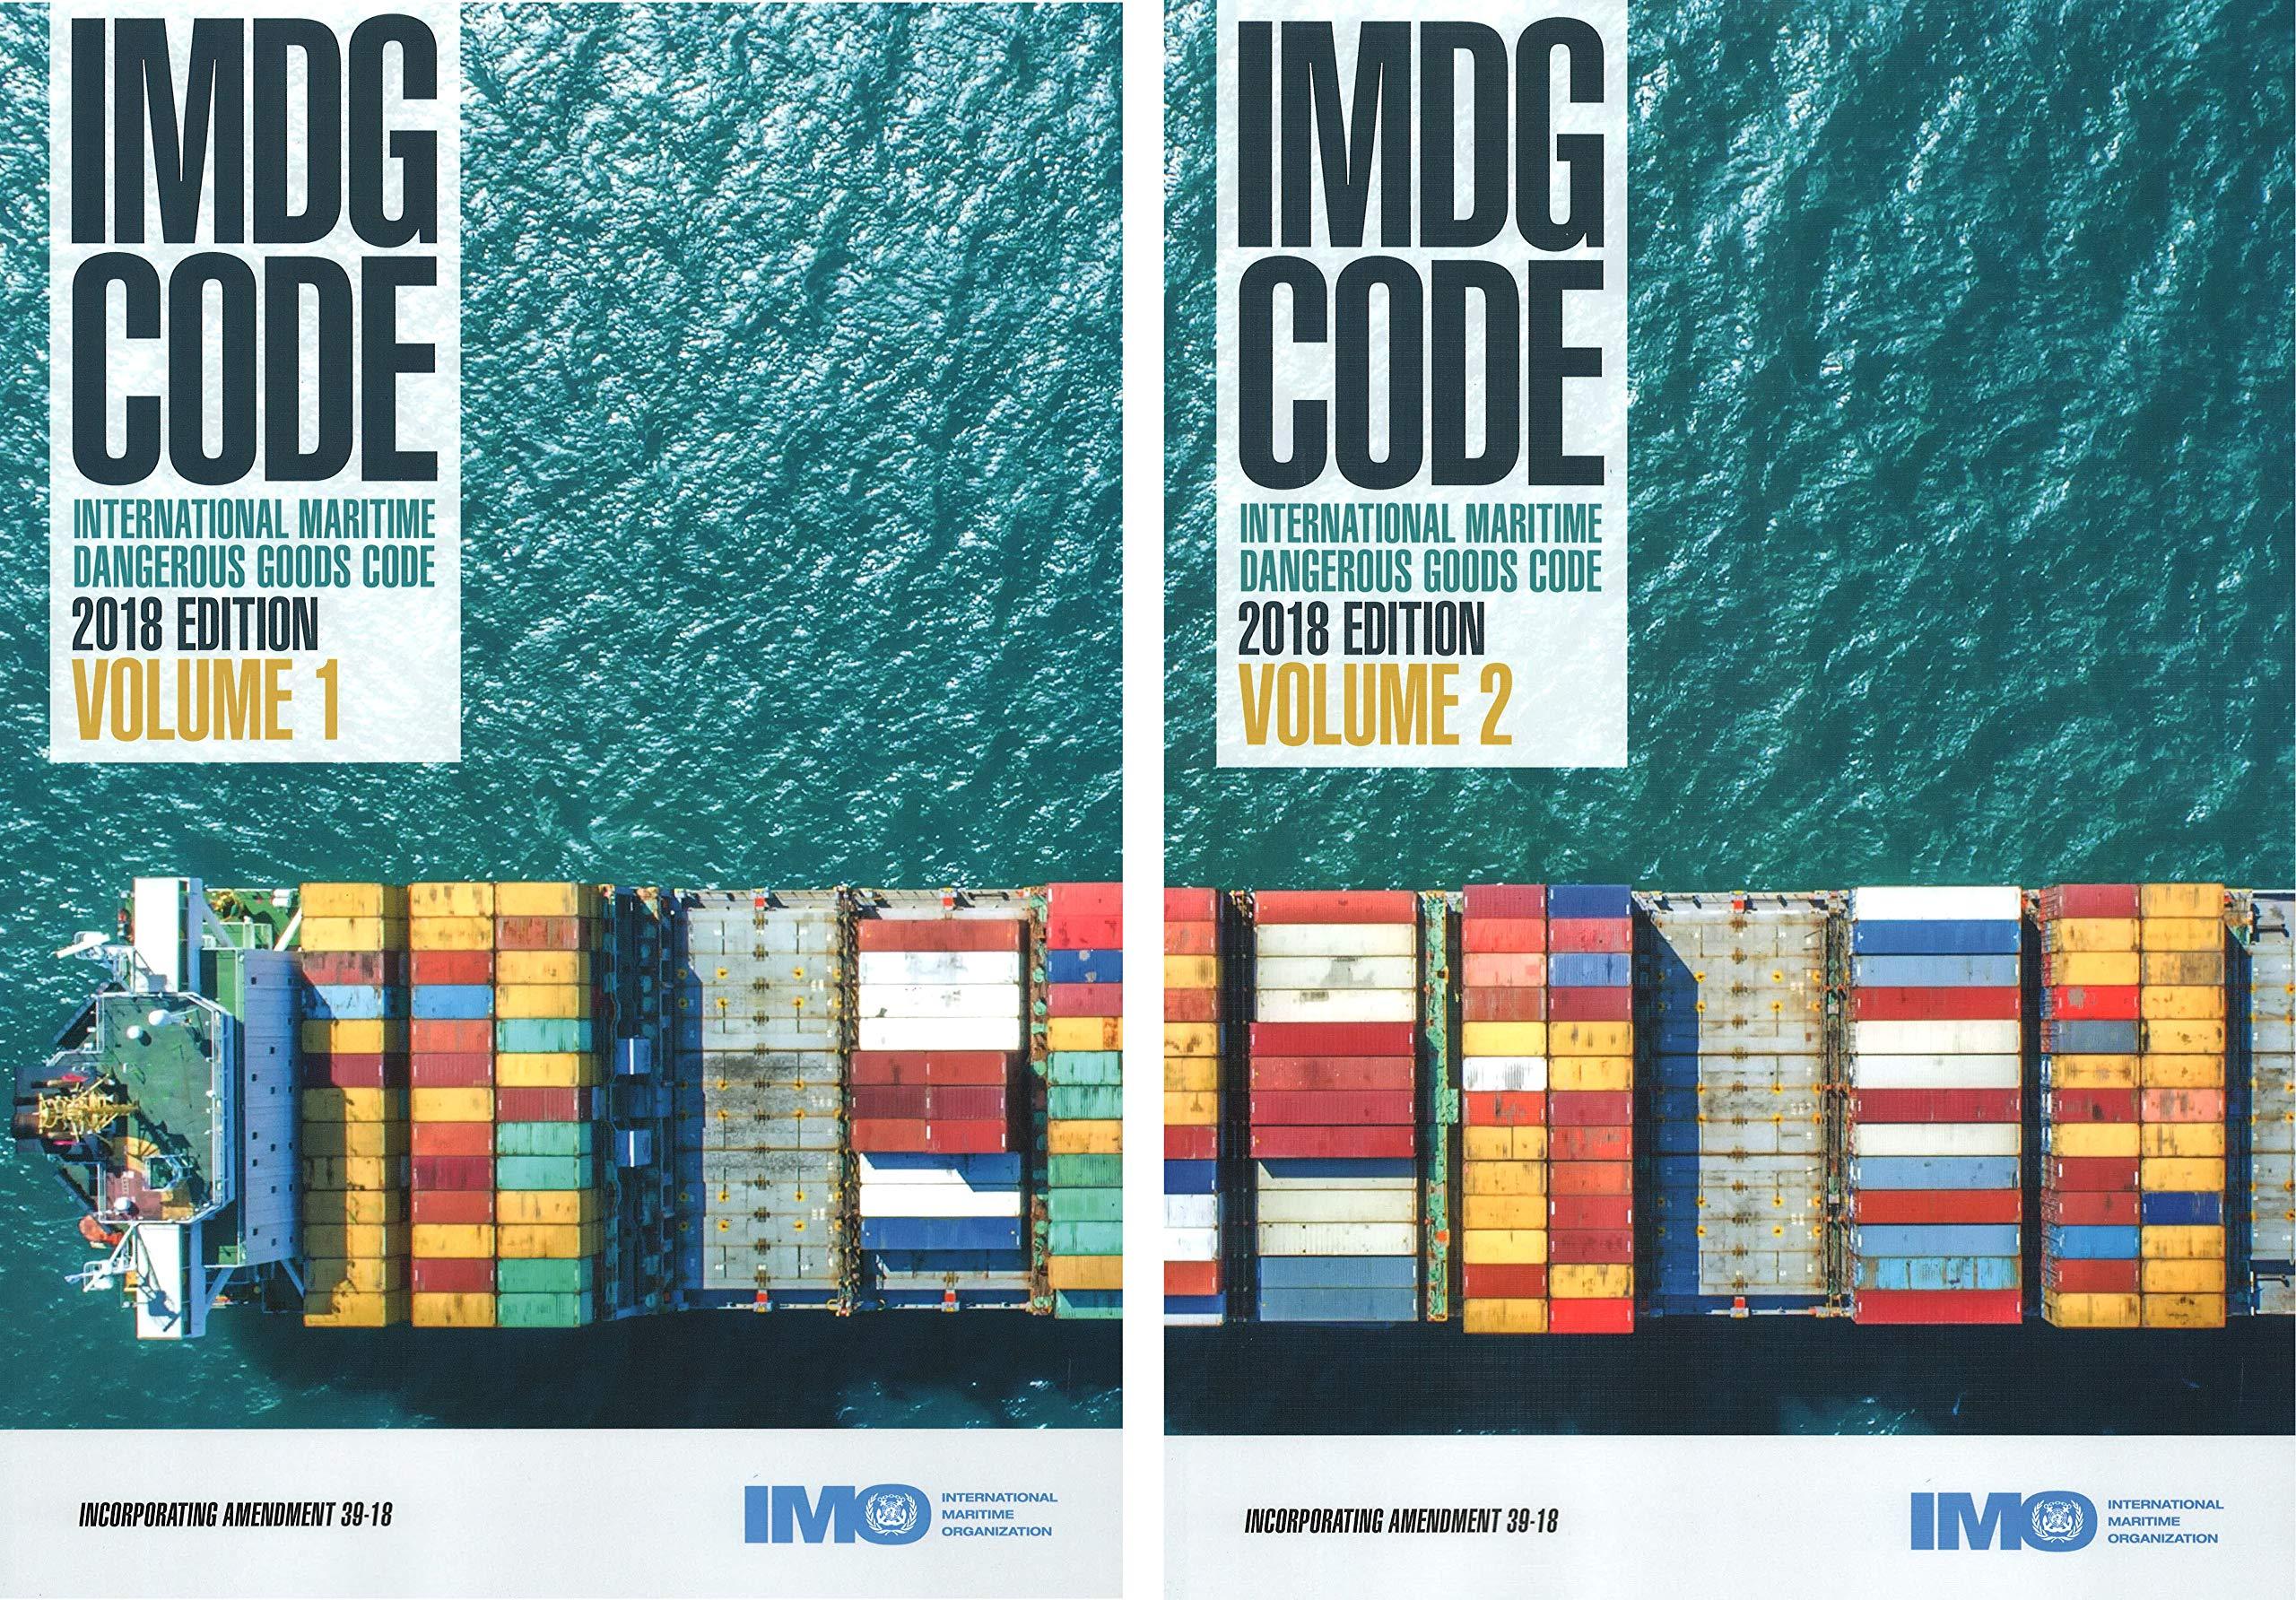 Imdg code 2018 pdf